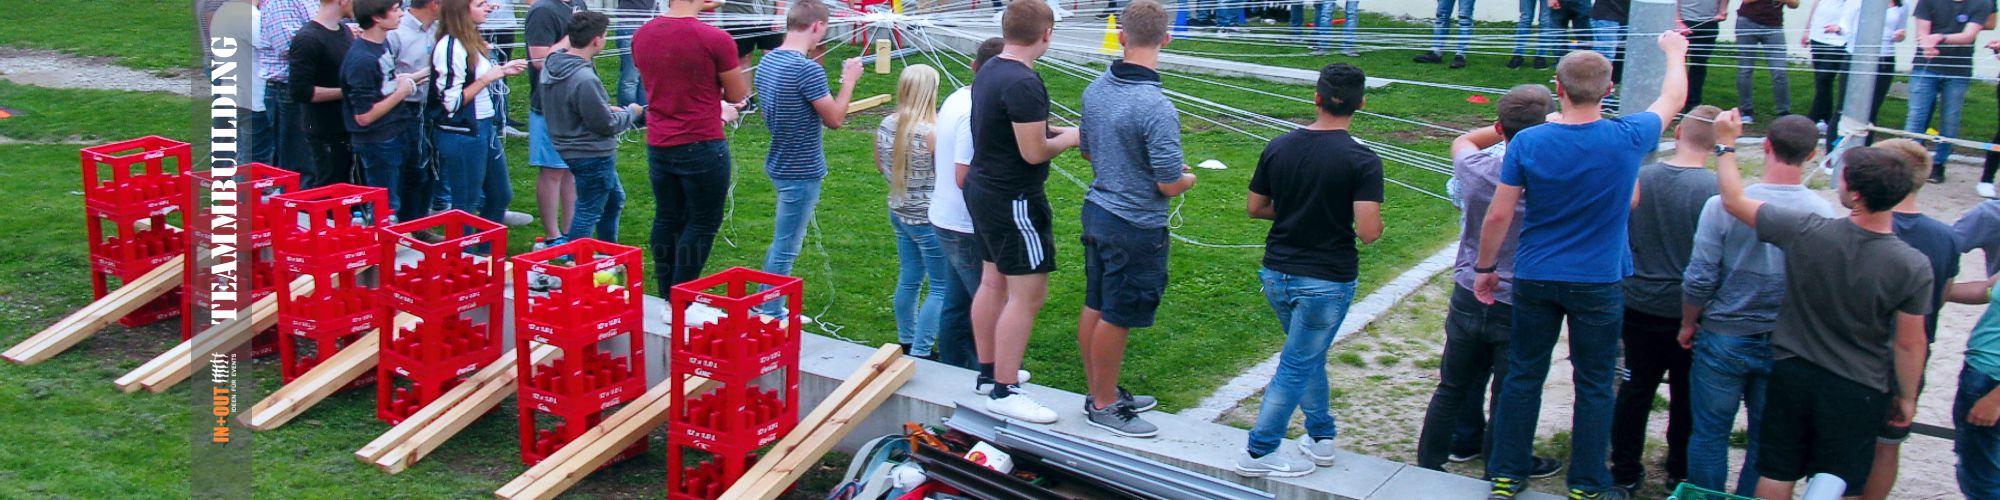 Ideen für Team Events - Azubi Camp - Team Event Luxemburg